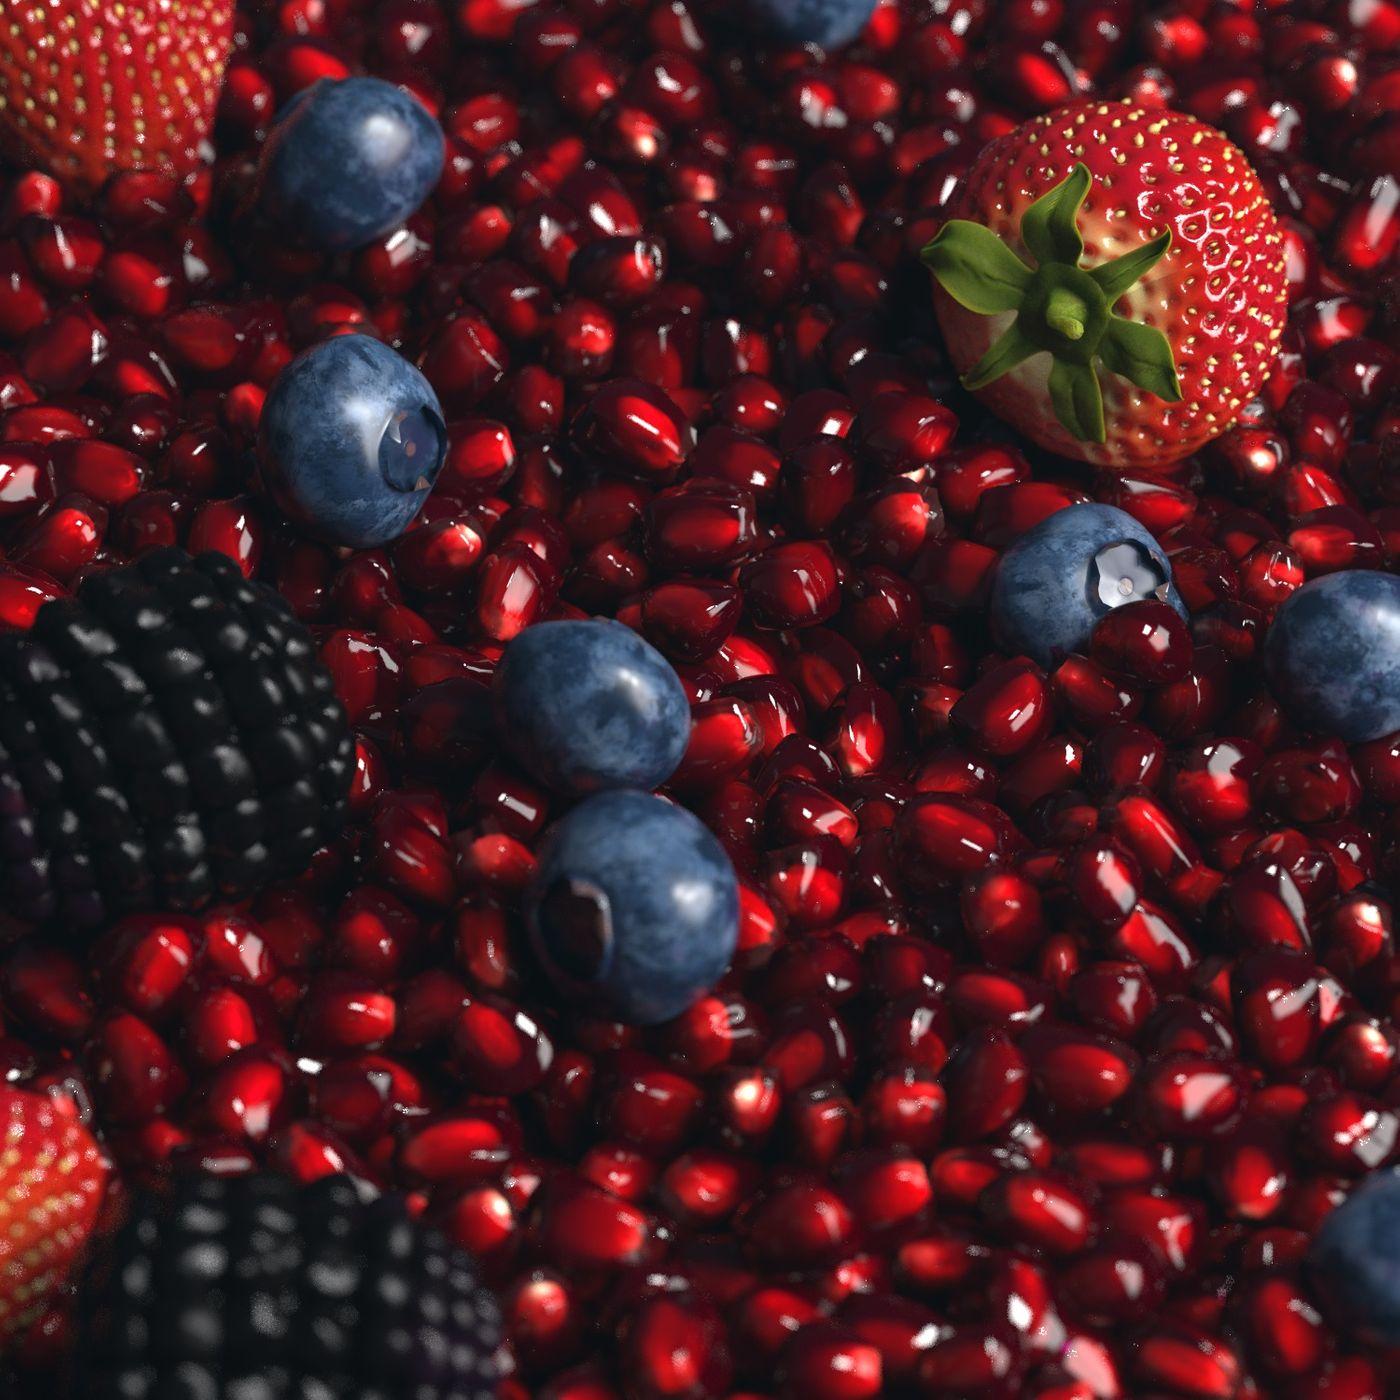 Pomegranatesj Vedaprashanth61